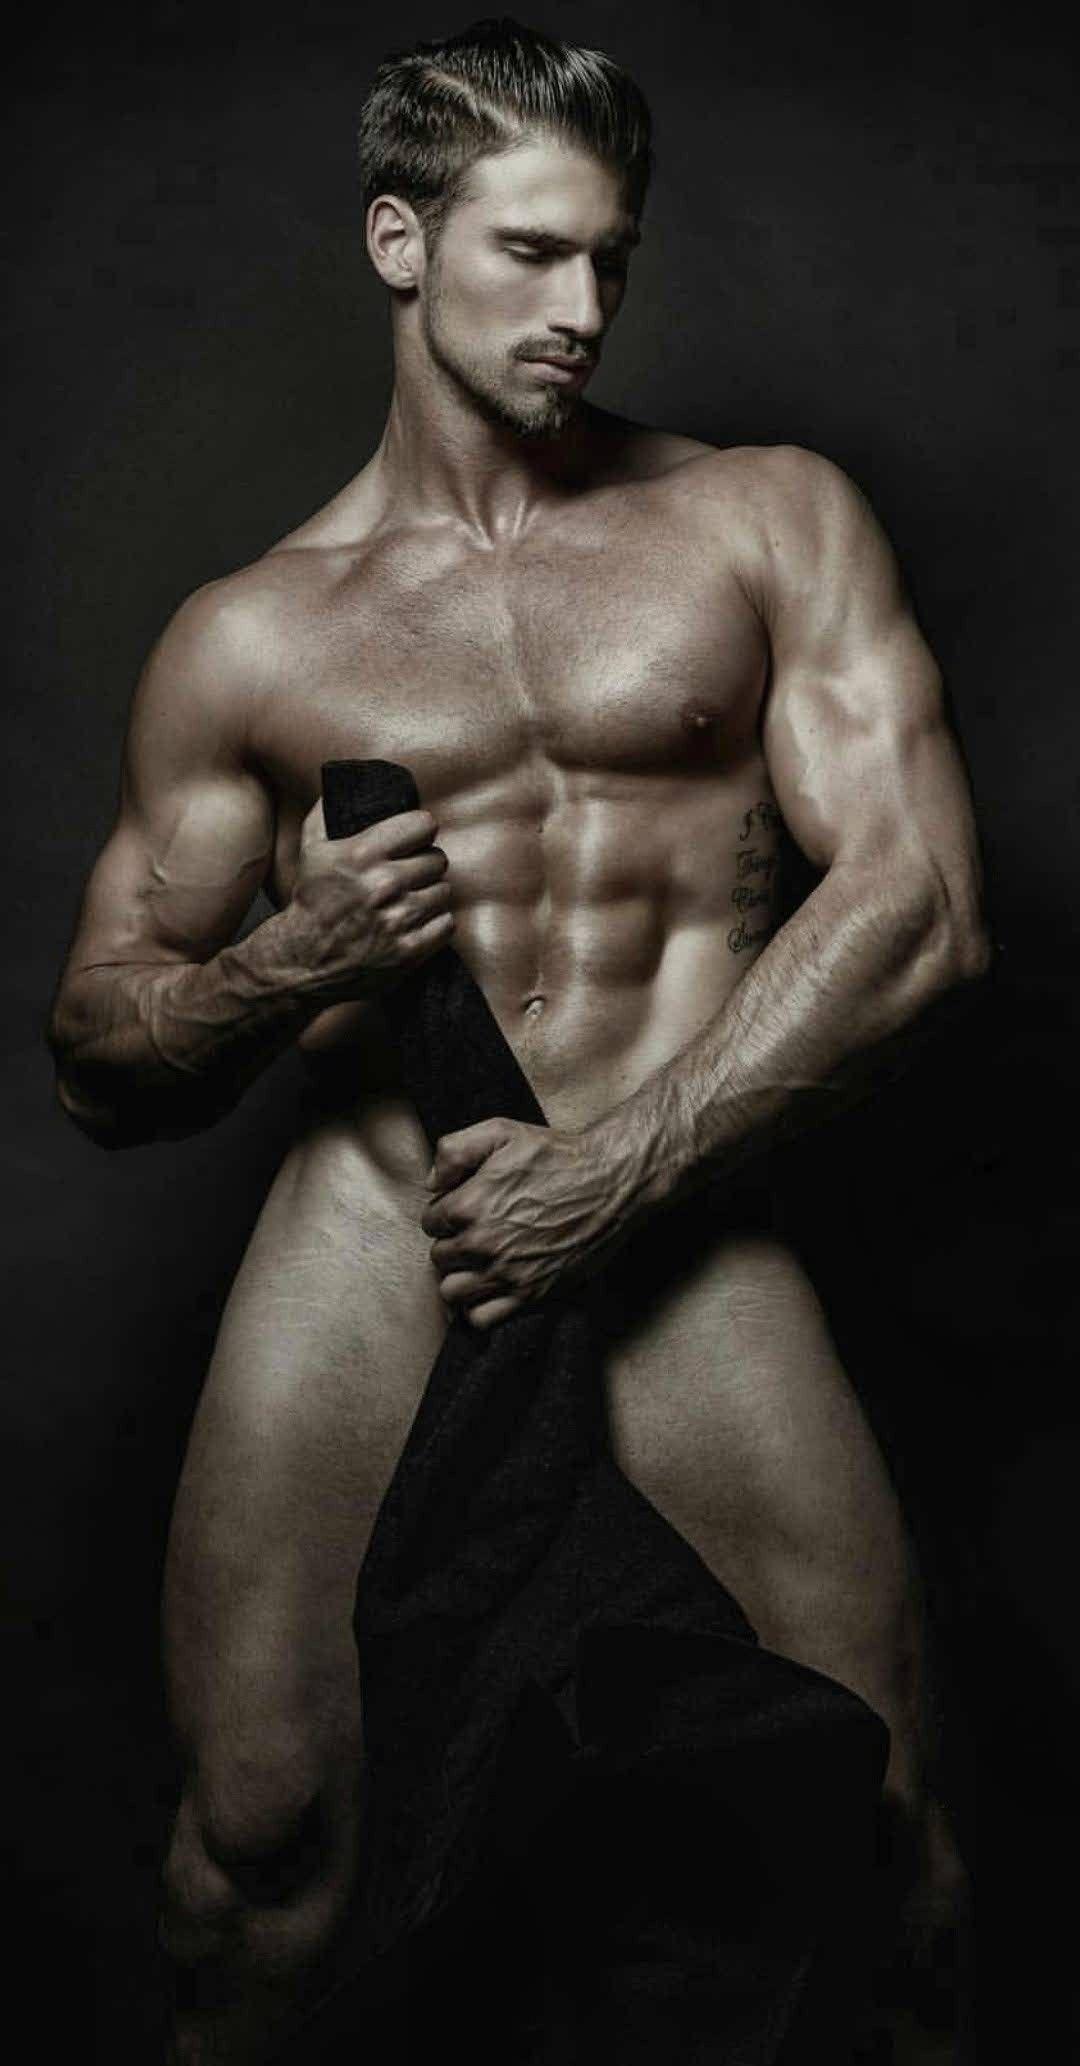 Naked fitness male model